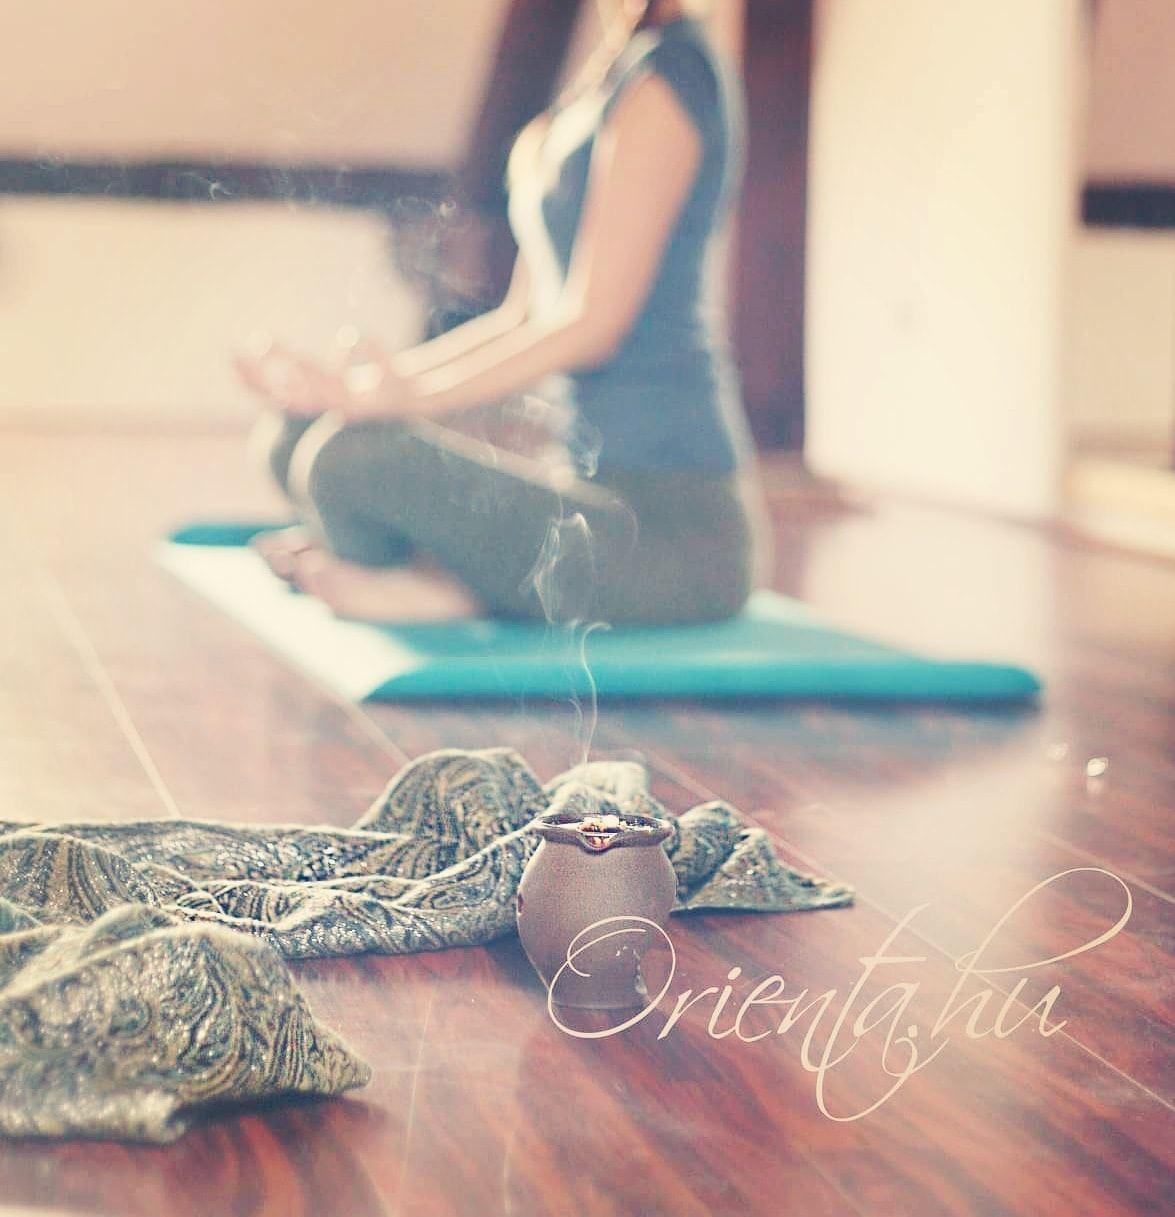 füstölőedény, meditáció | Orienta.hu